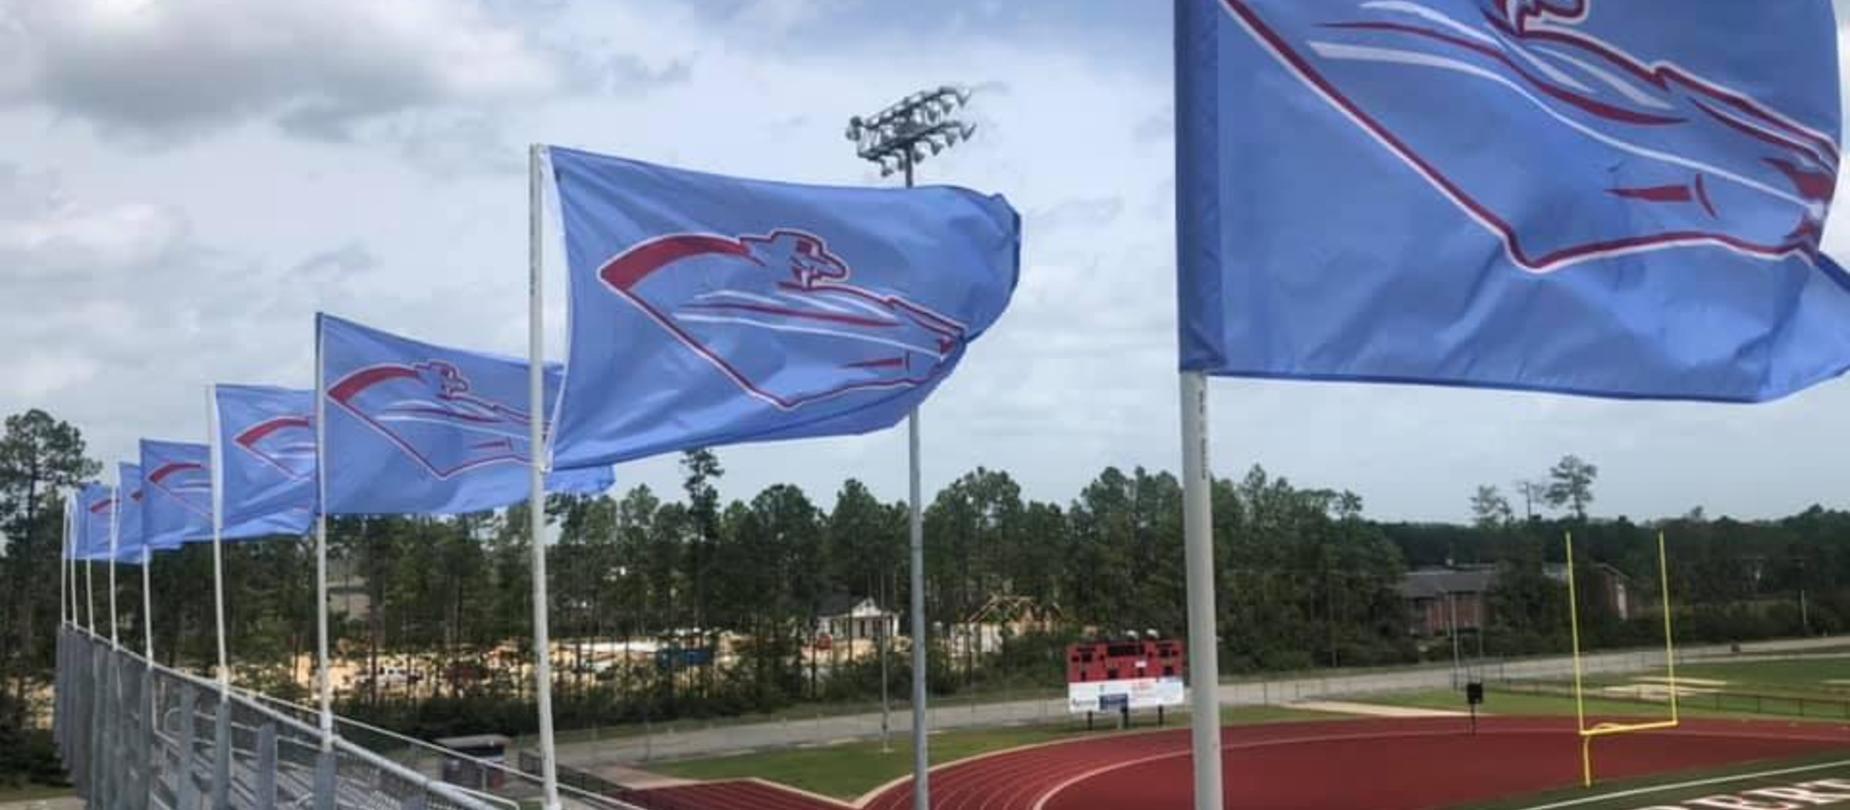 Raider flags